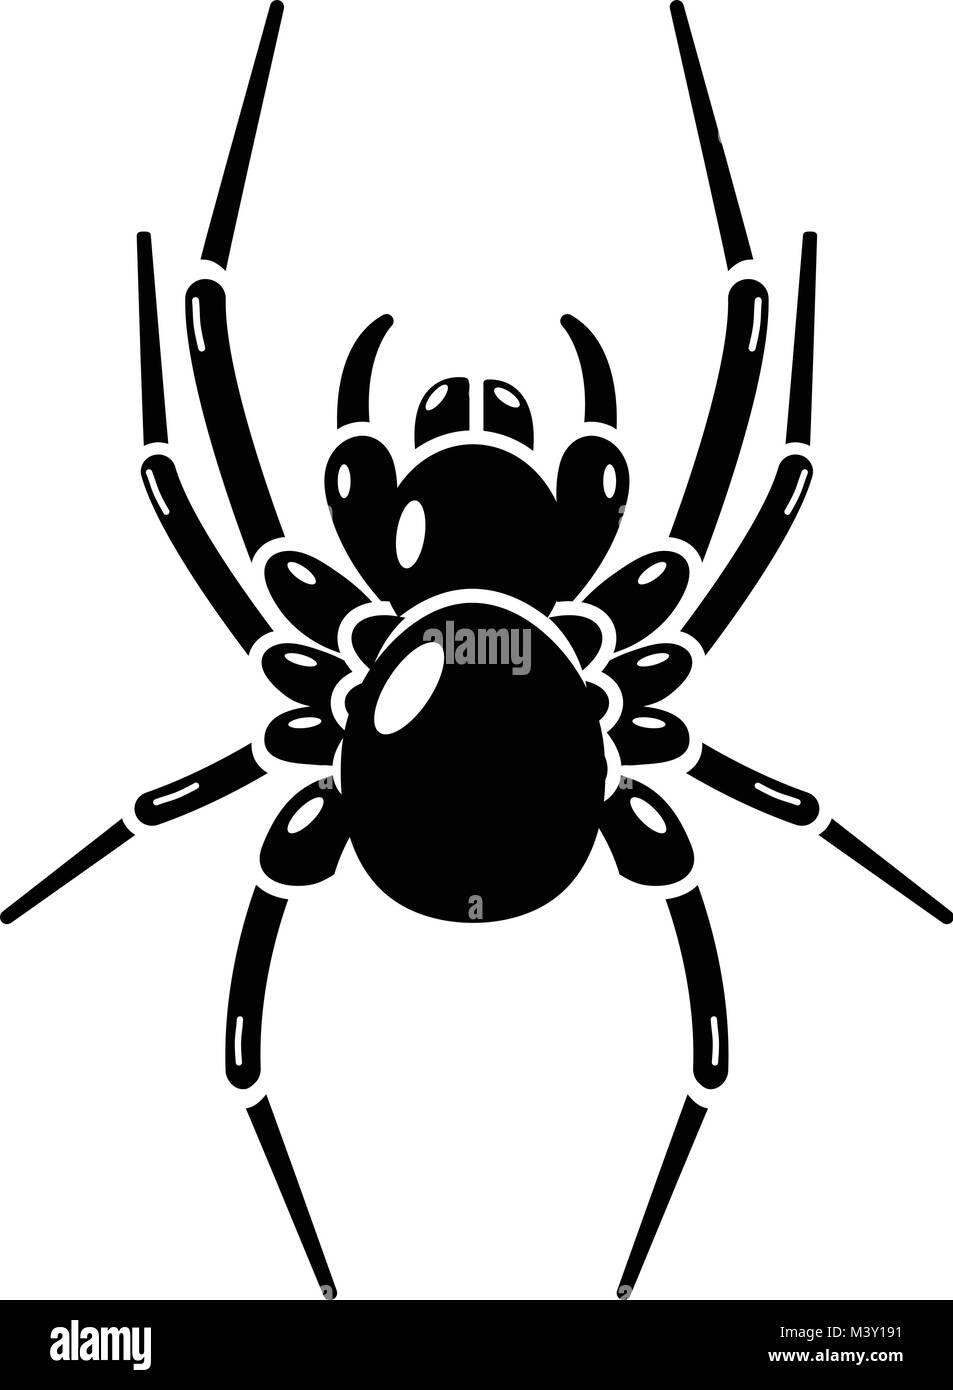 Beste Anatomie Einer Spinne Zeitgenössisch - Anatomie Von ...